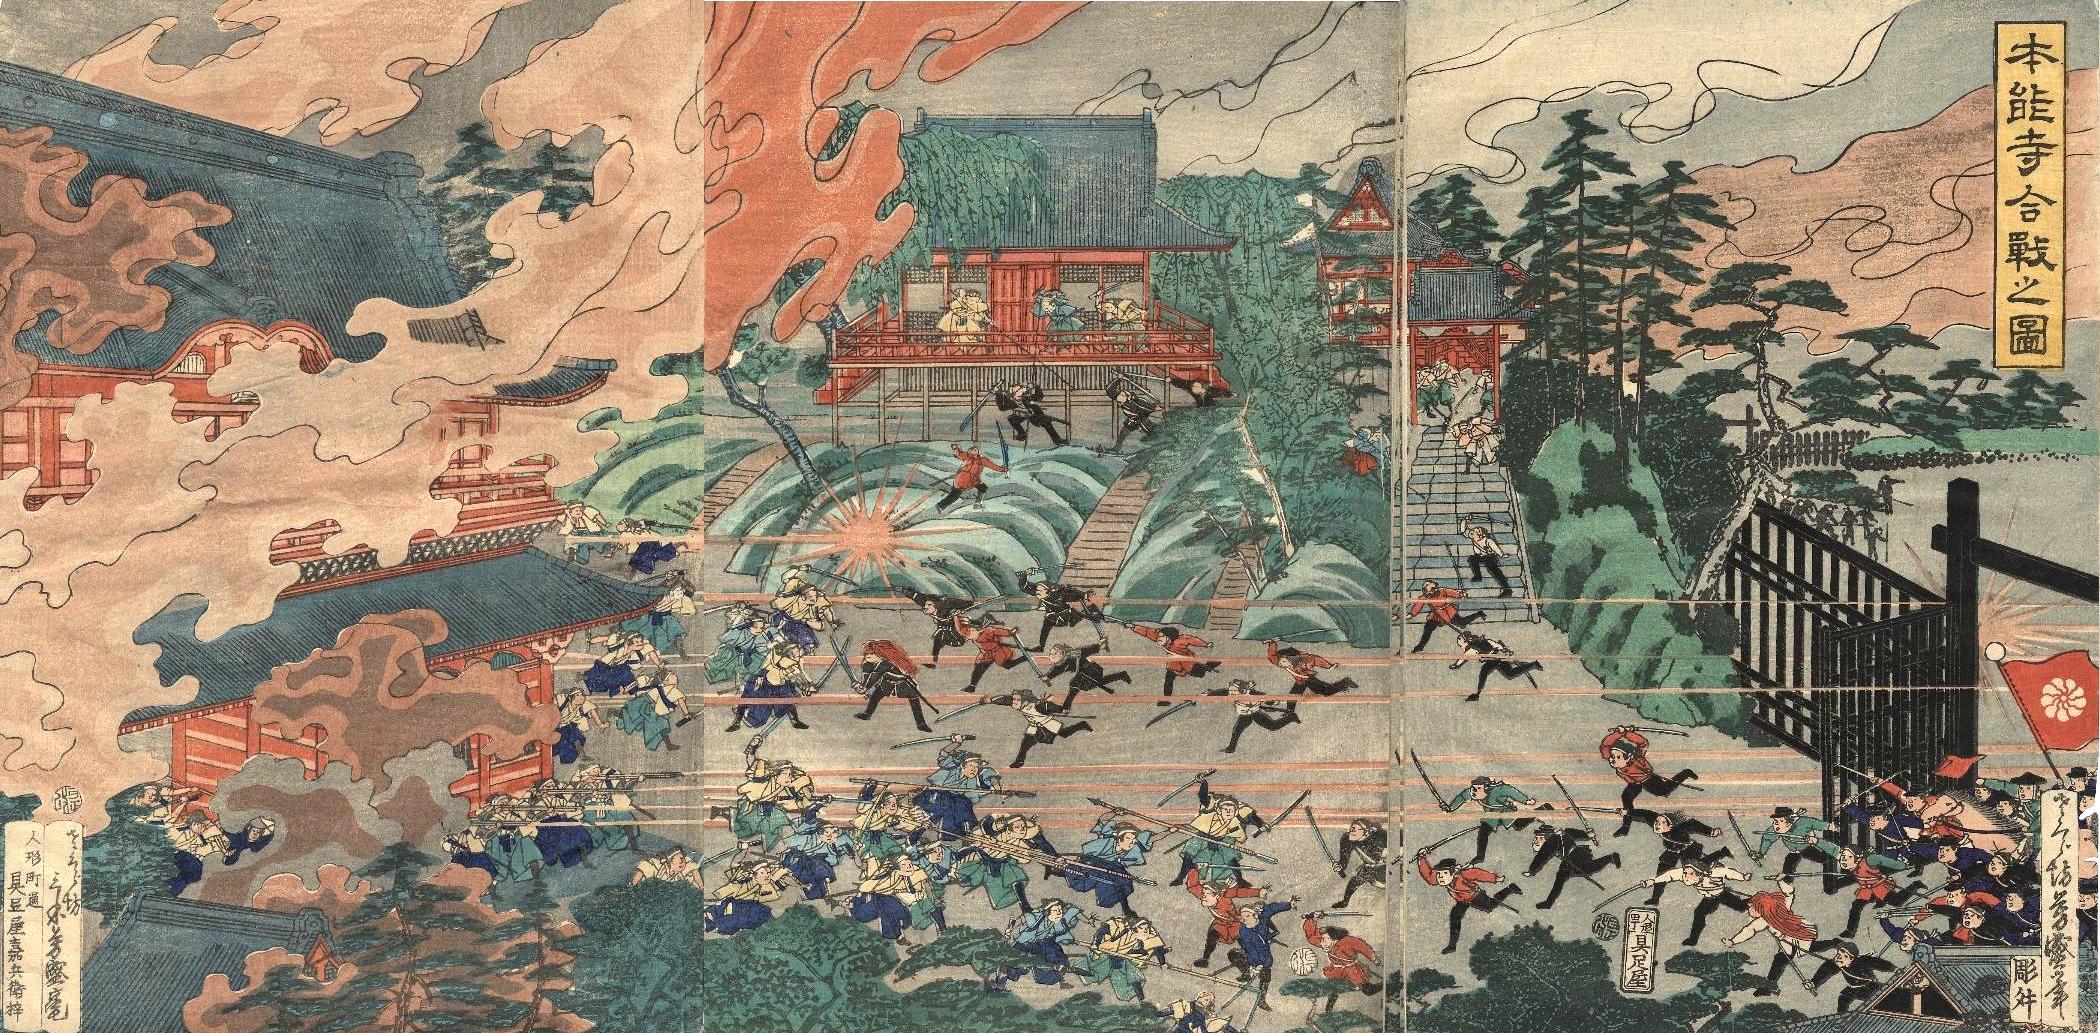 上野合戦の図